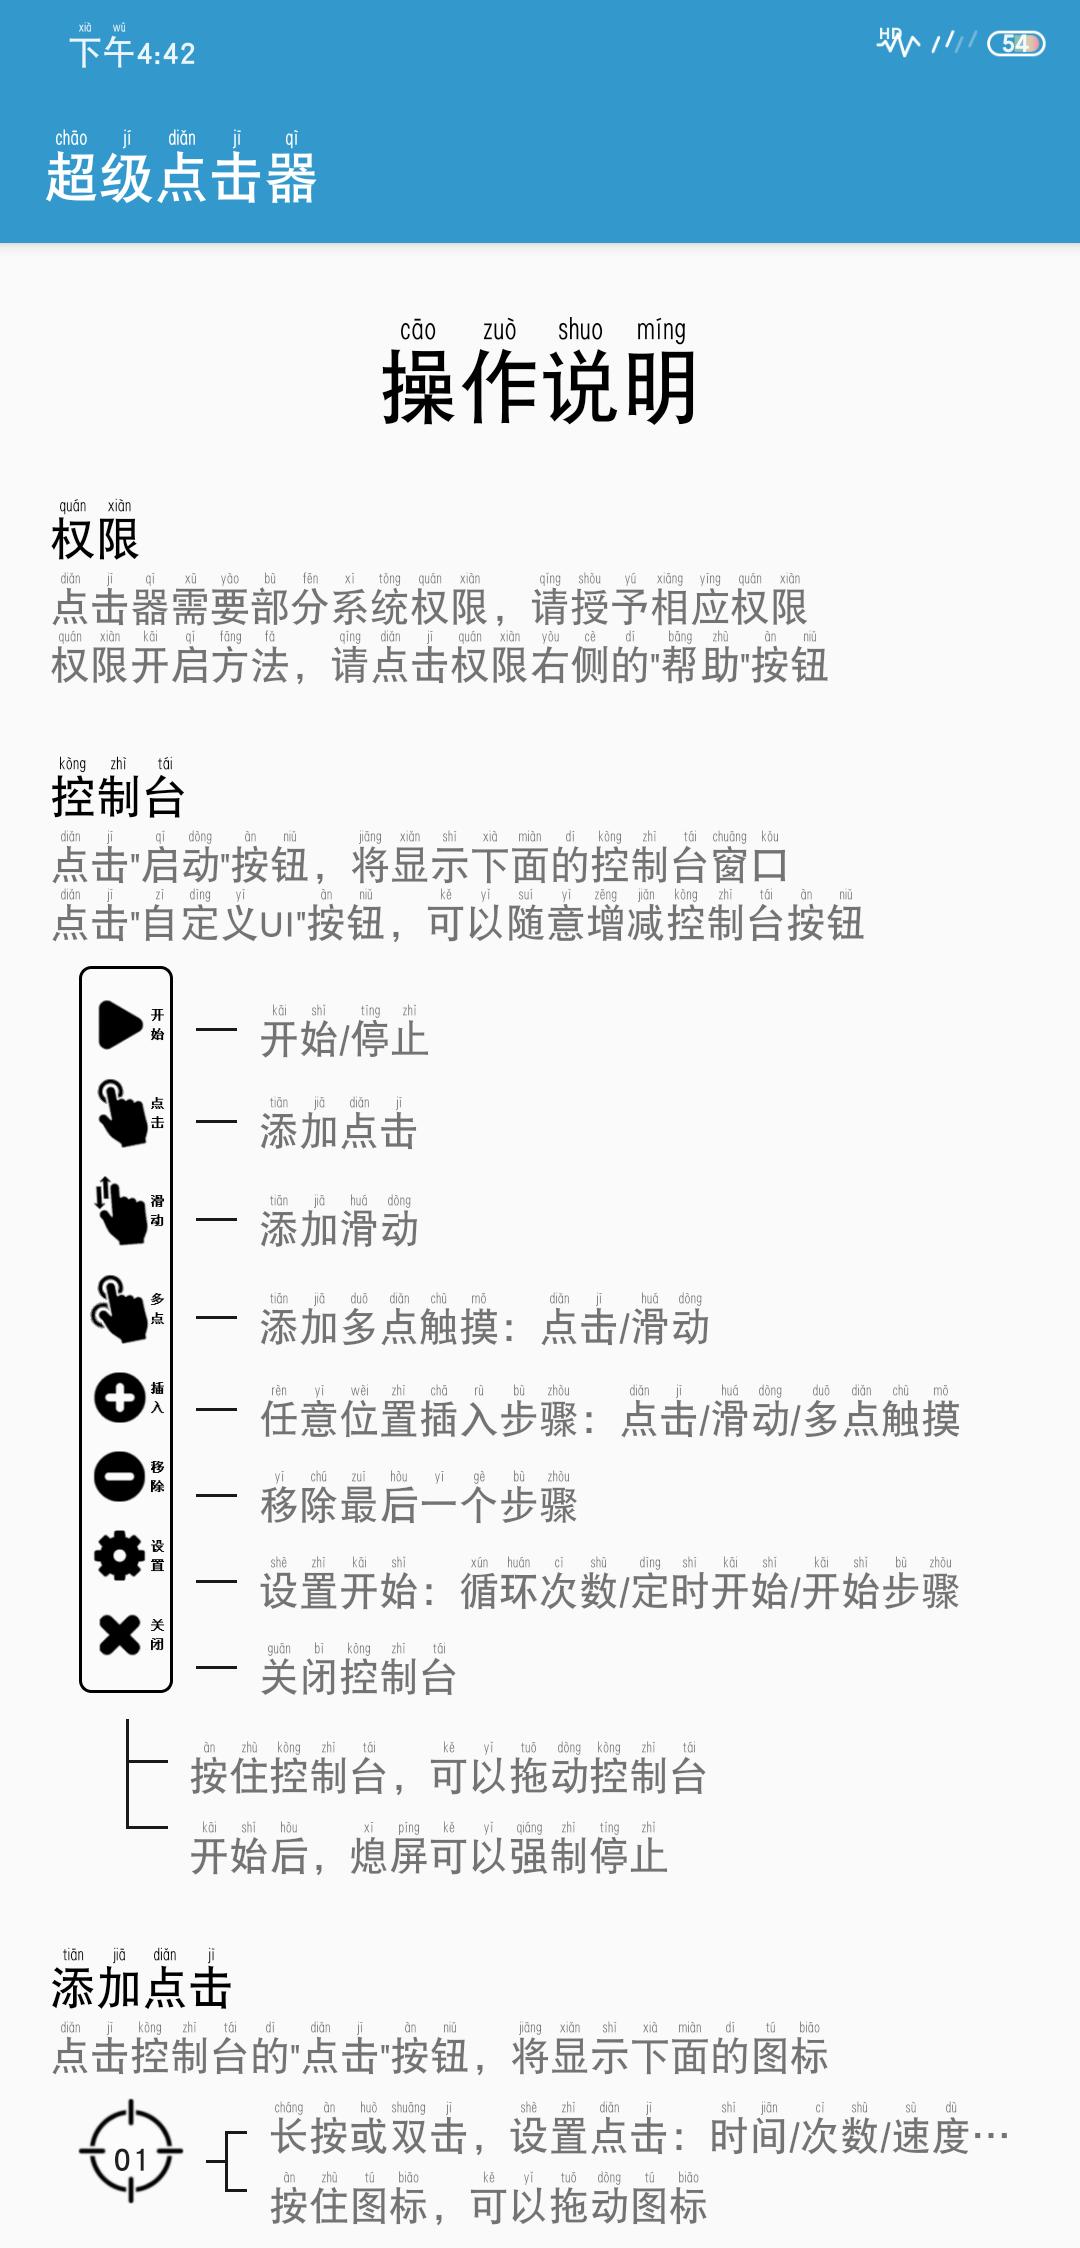 【分享】超级点击器1.0超级点击器可以帮你解放双手,轻轻松松实现-爱小助